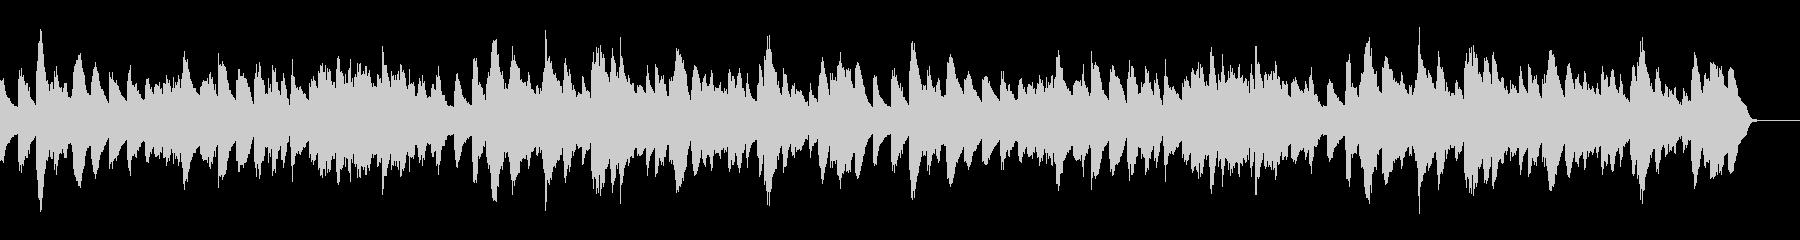 ゴルトベルク変奏曲のピアノソロ/CMの未再生の波形